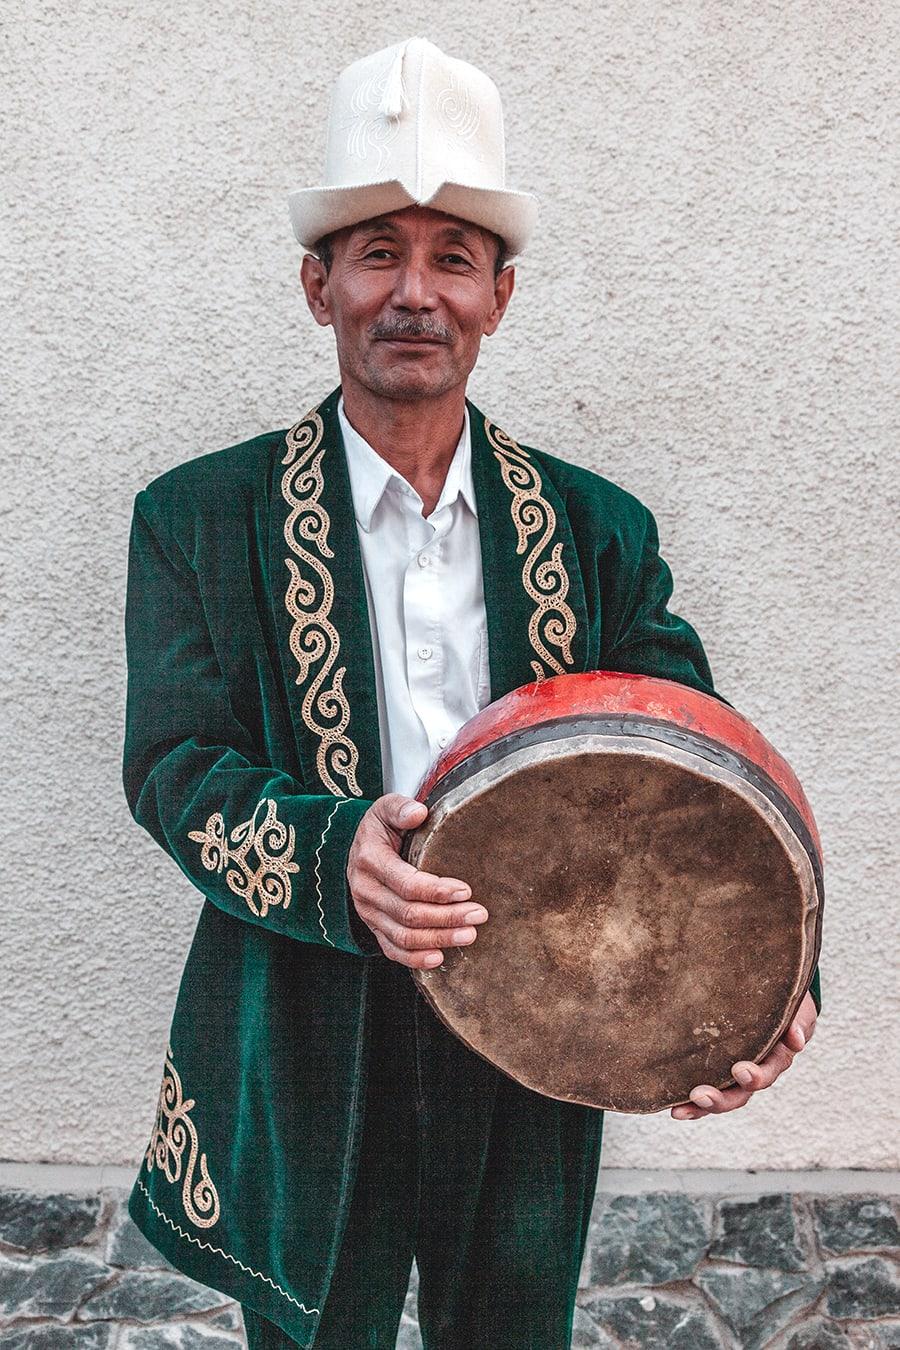 A Kyrgyz musician in Karakol, Kyrgyzstan.